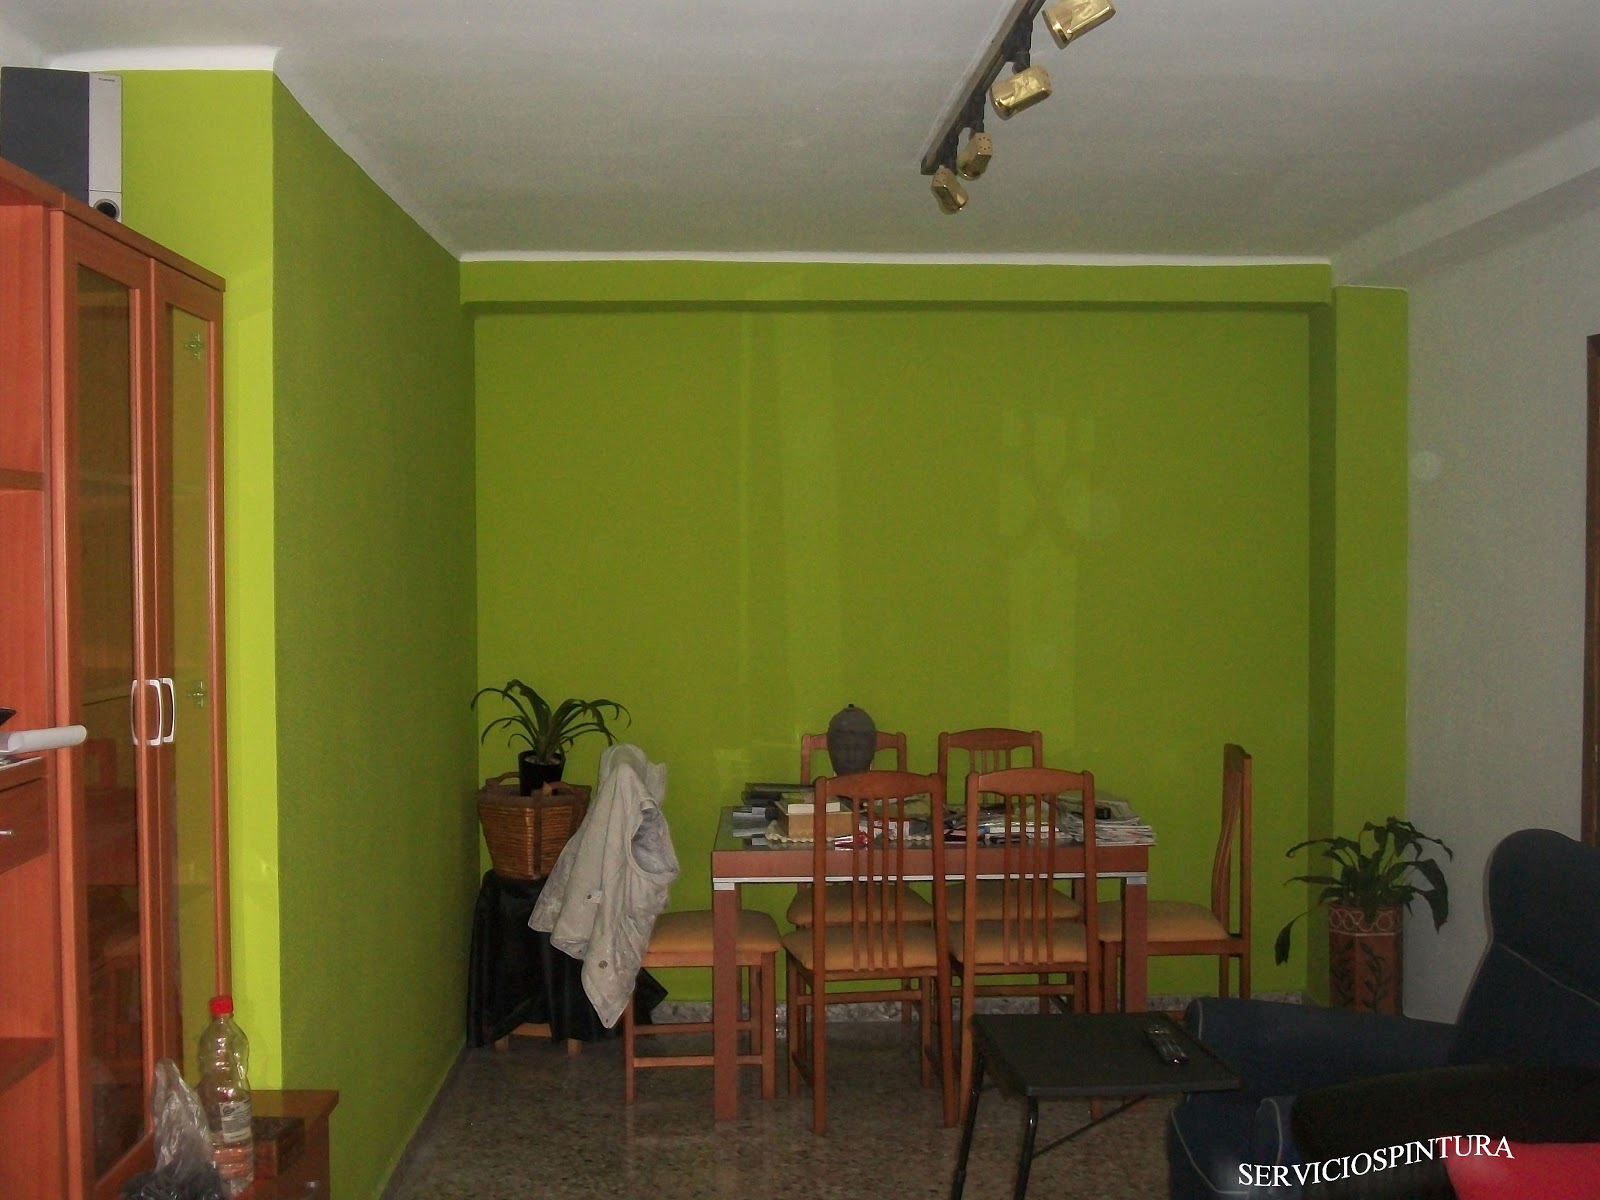 Servicios de pintura en zaragoza pintamos pisos - Pintar salon en dos colores ...